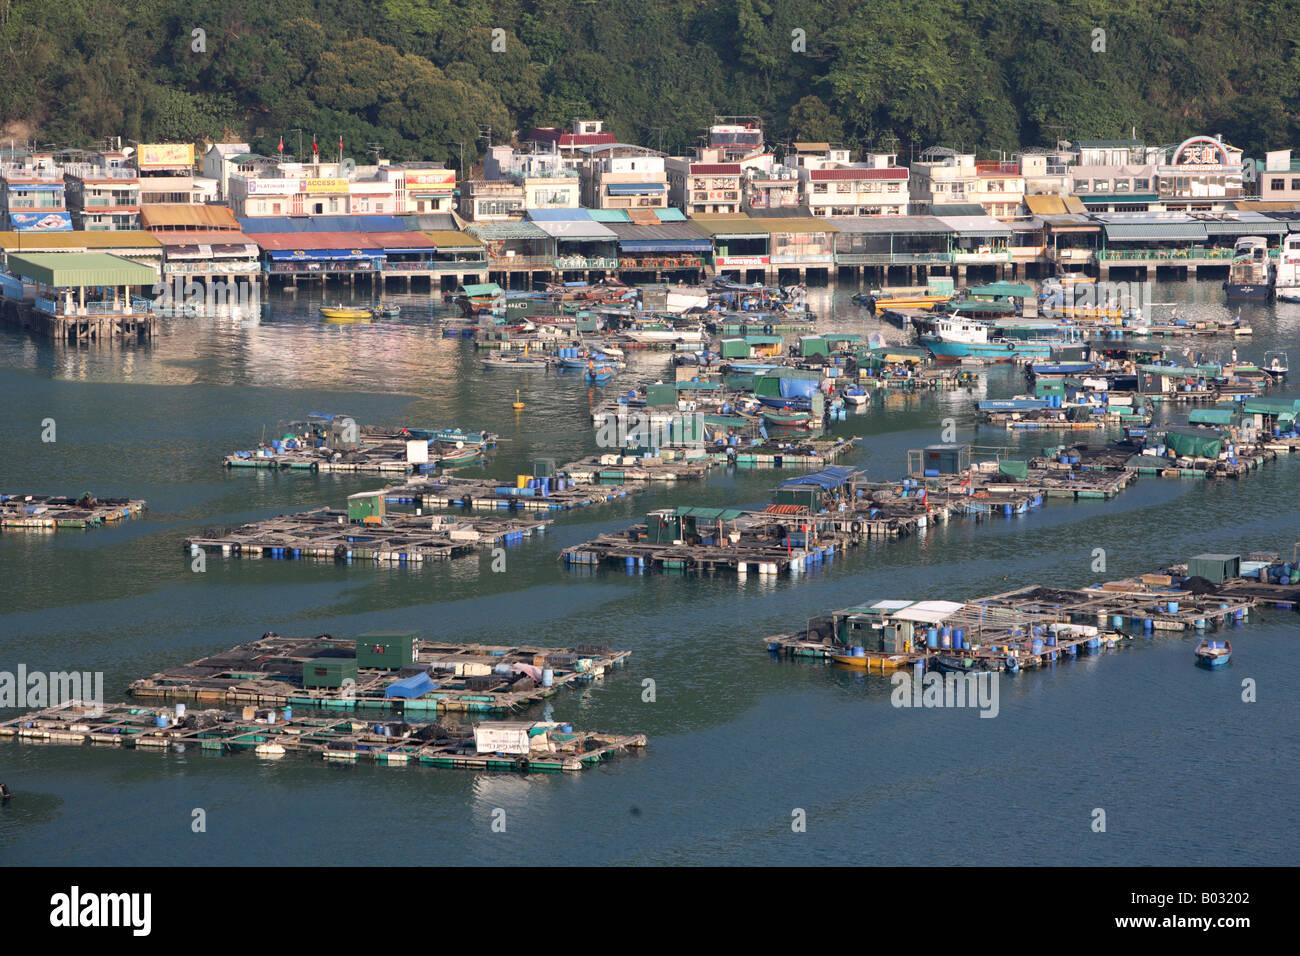 Fish farms and seafood restaurants Sok Kwu Wan Lamma Island Hong Kong China - Stock Image